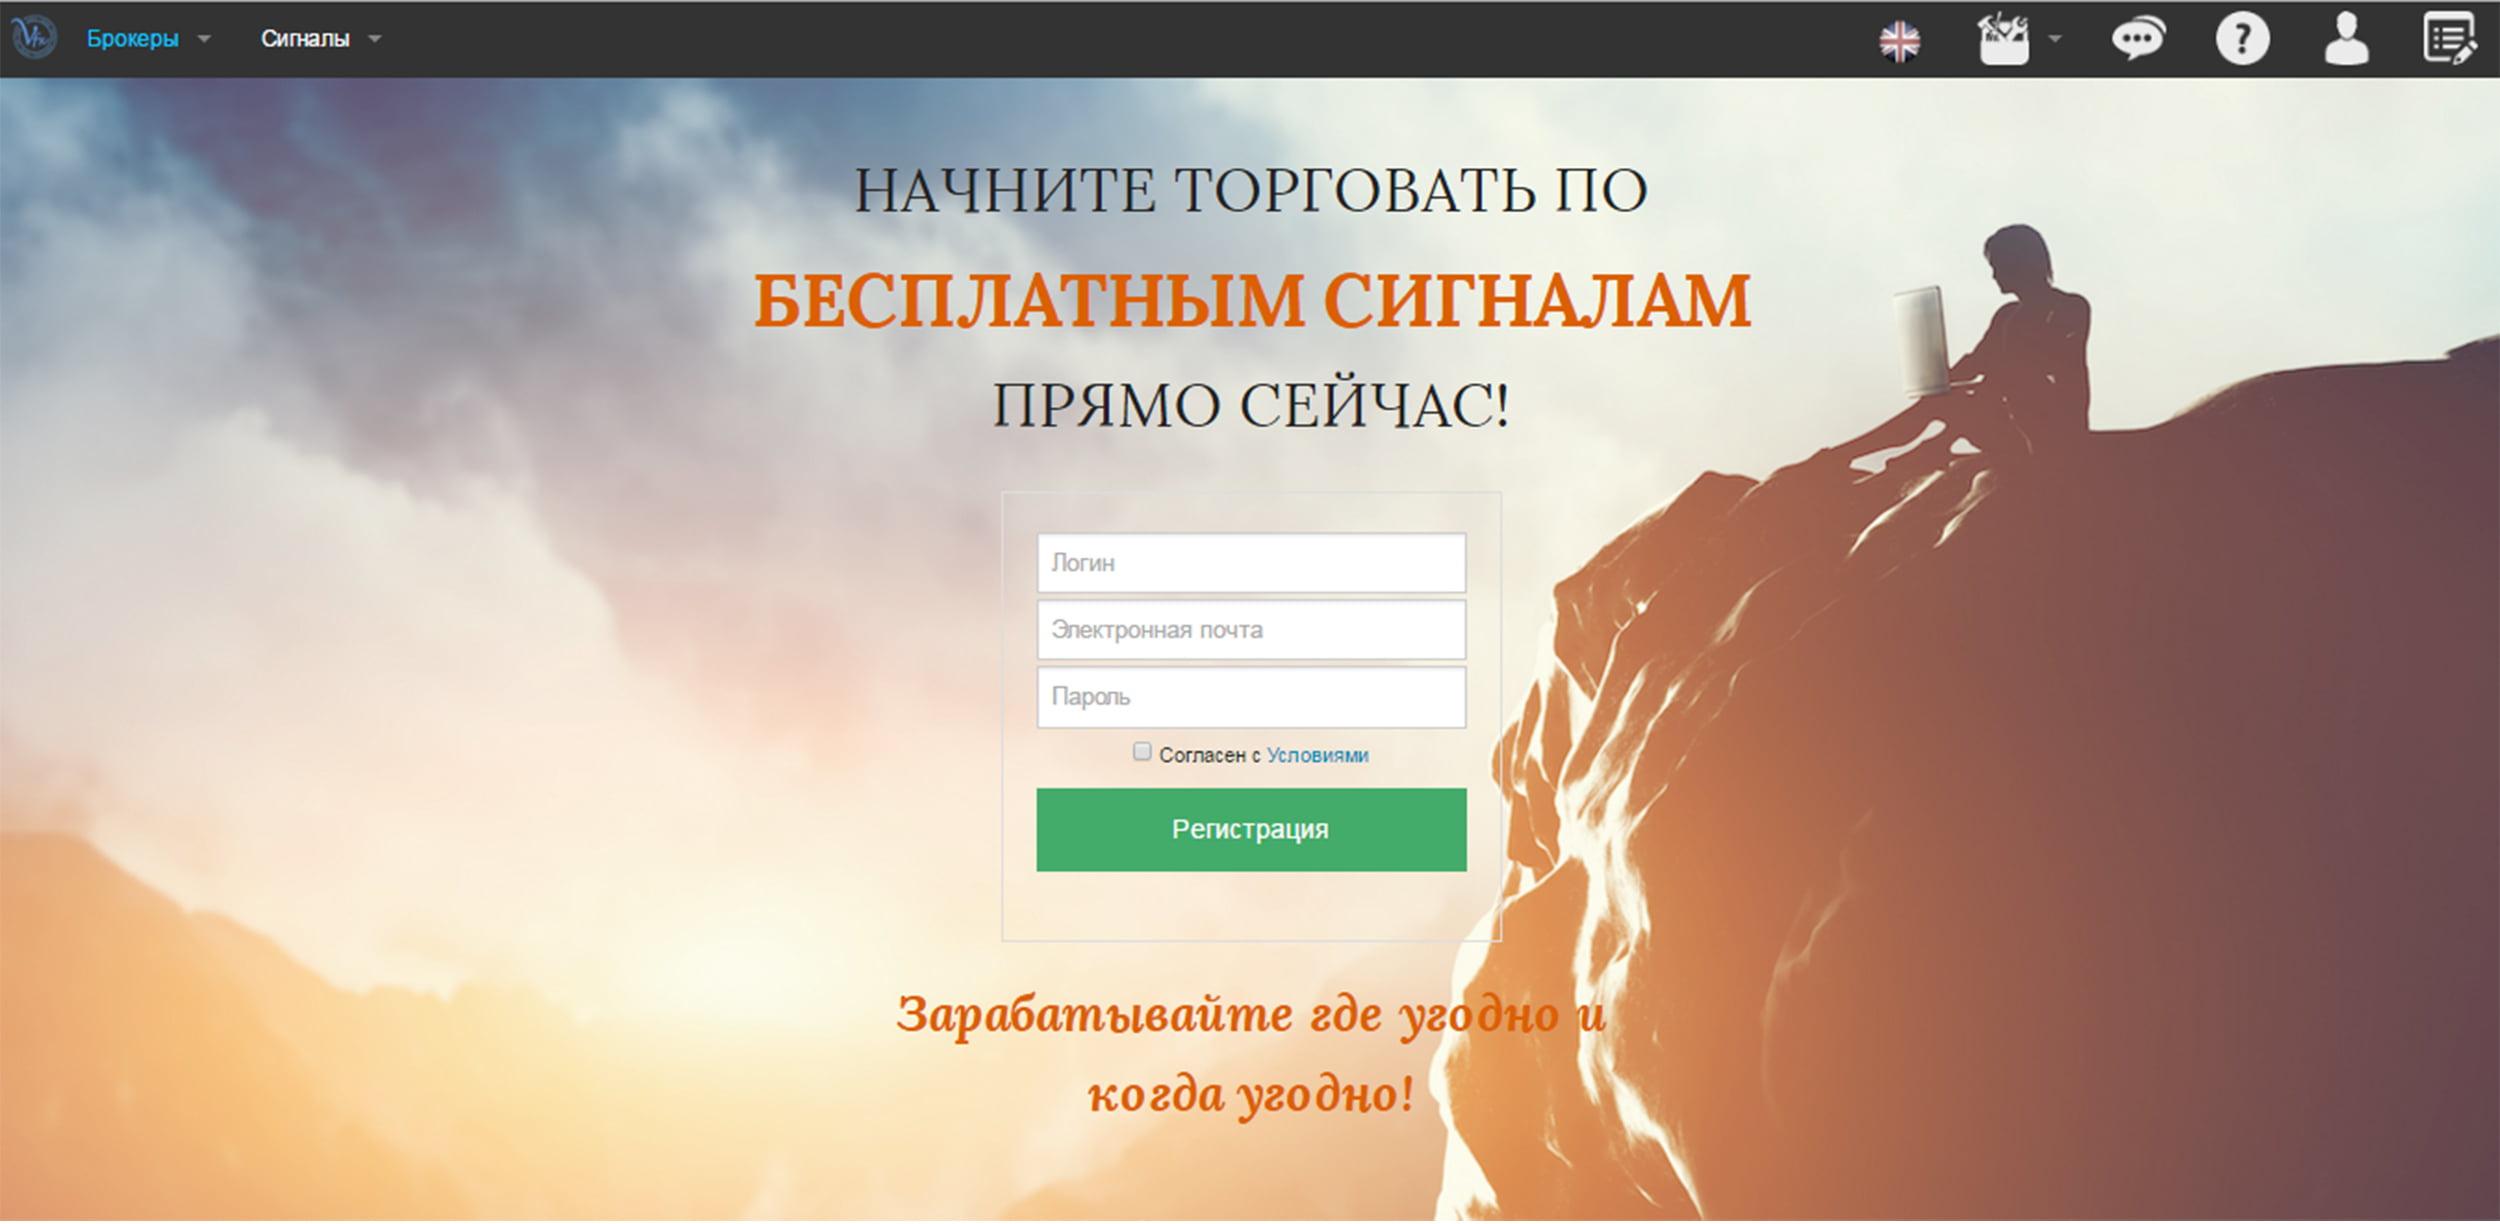 Vfxalert.ru